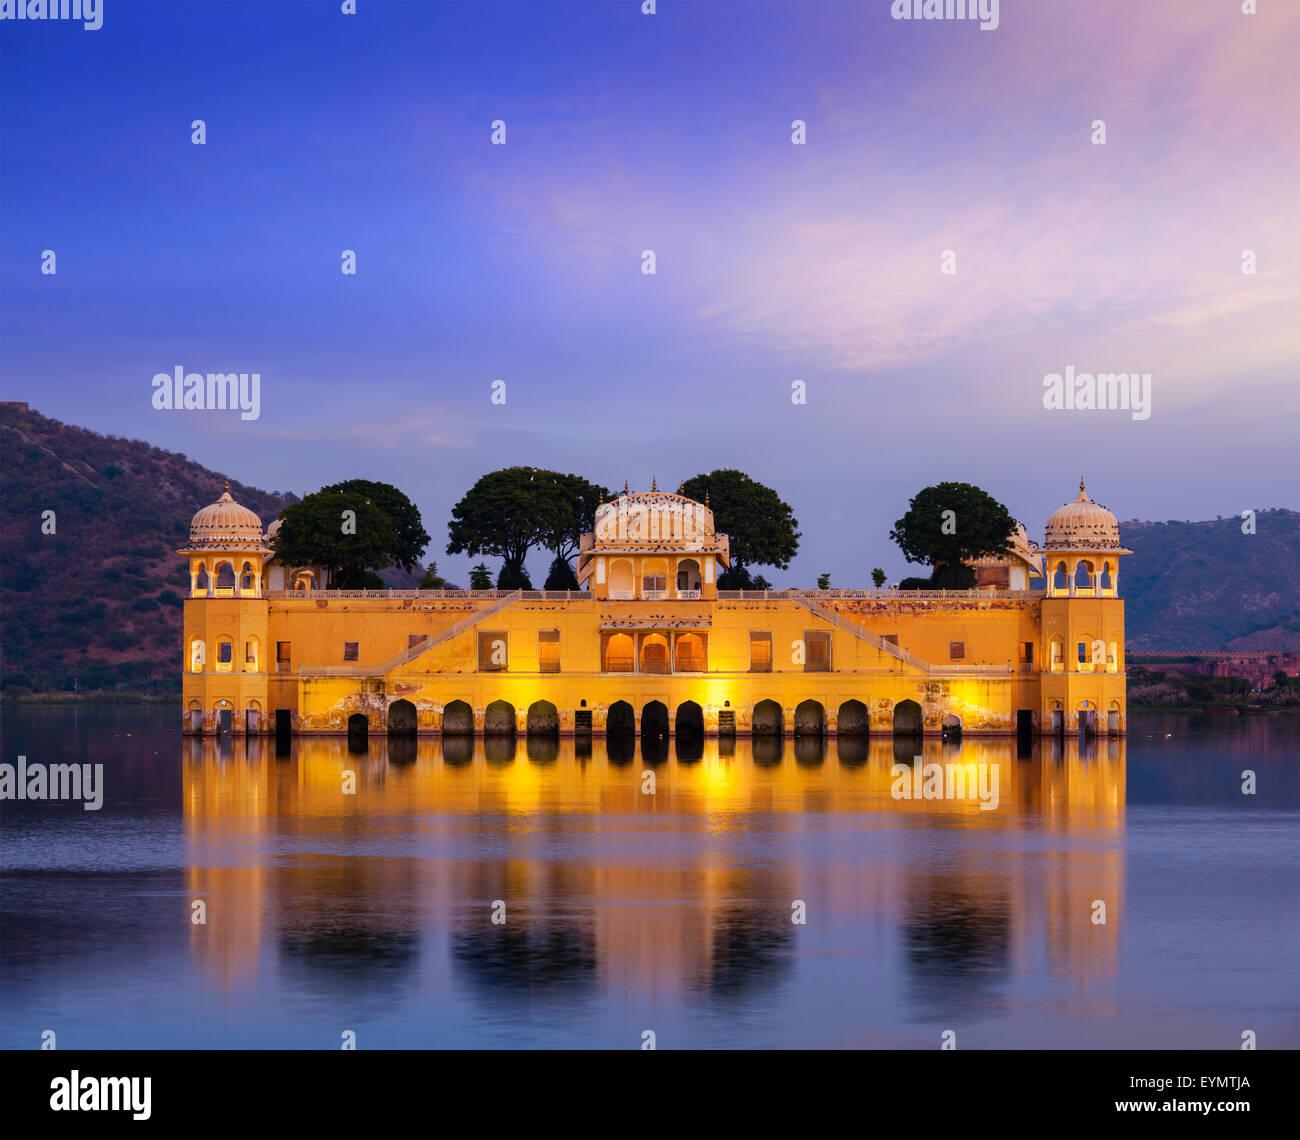 Rajasthan monument - Jal Mahal Palais d'eau sur l'homme Sagar Lake dans le soir au crépuscule. Jaipur, Photo Stock